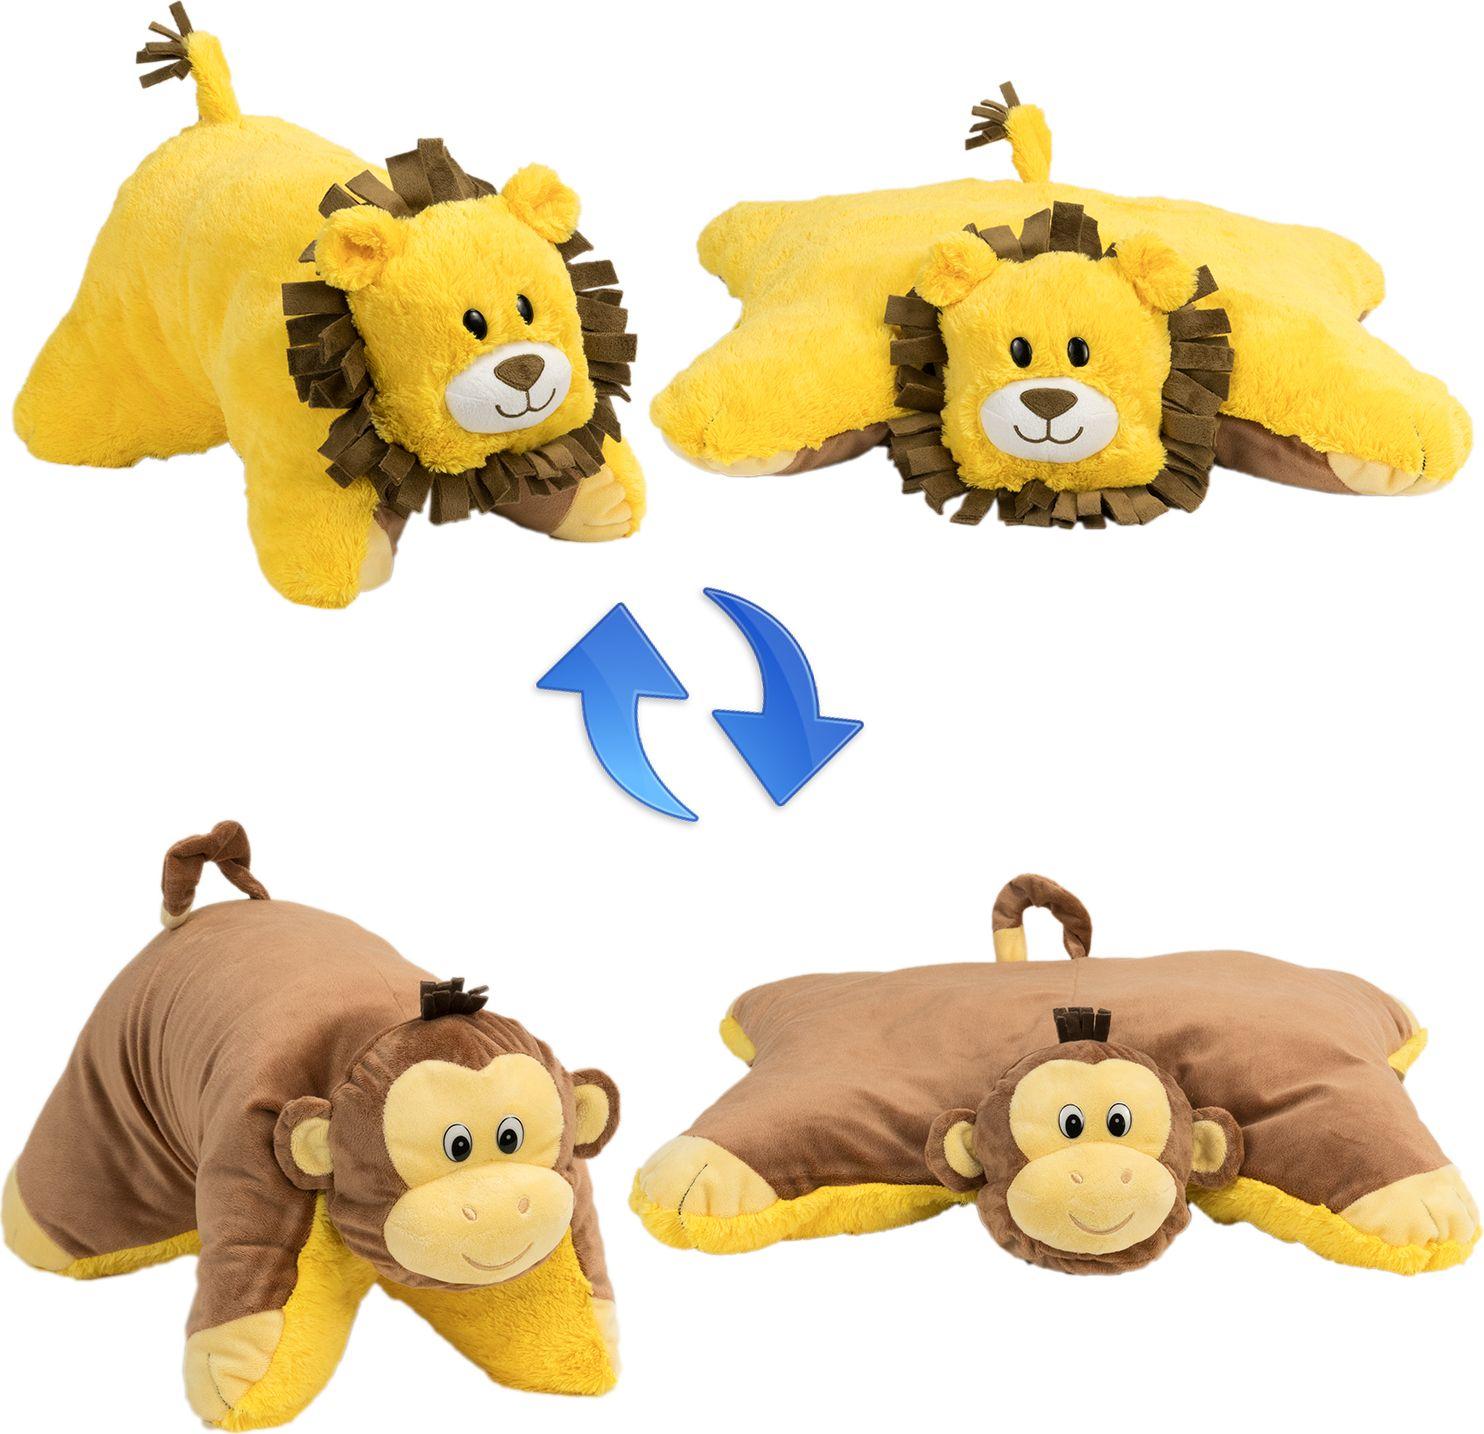 1TOY Мягкая игрушка Вывернушка 2в1 Лев-Обезьянка 26 см мягкие игрушки lapa house обезьянка кокетка 25 см